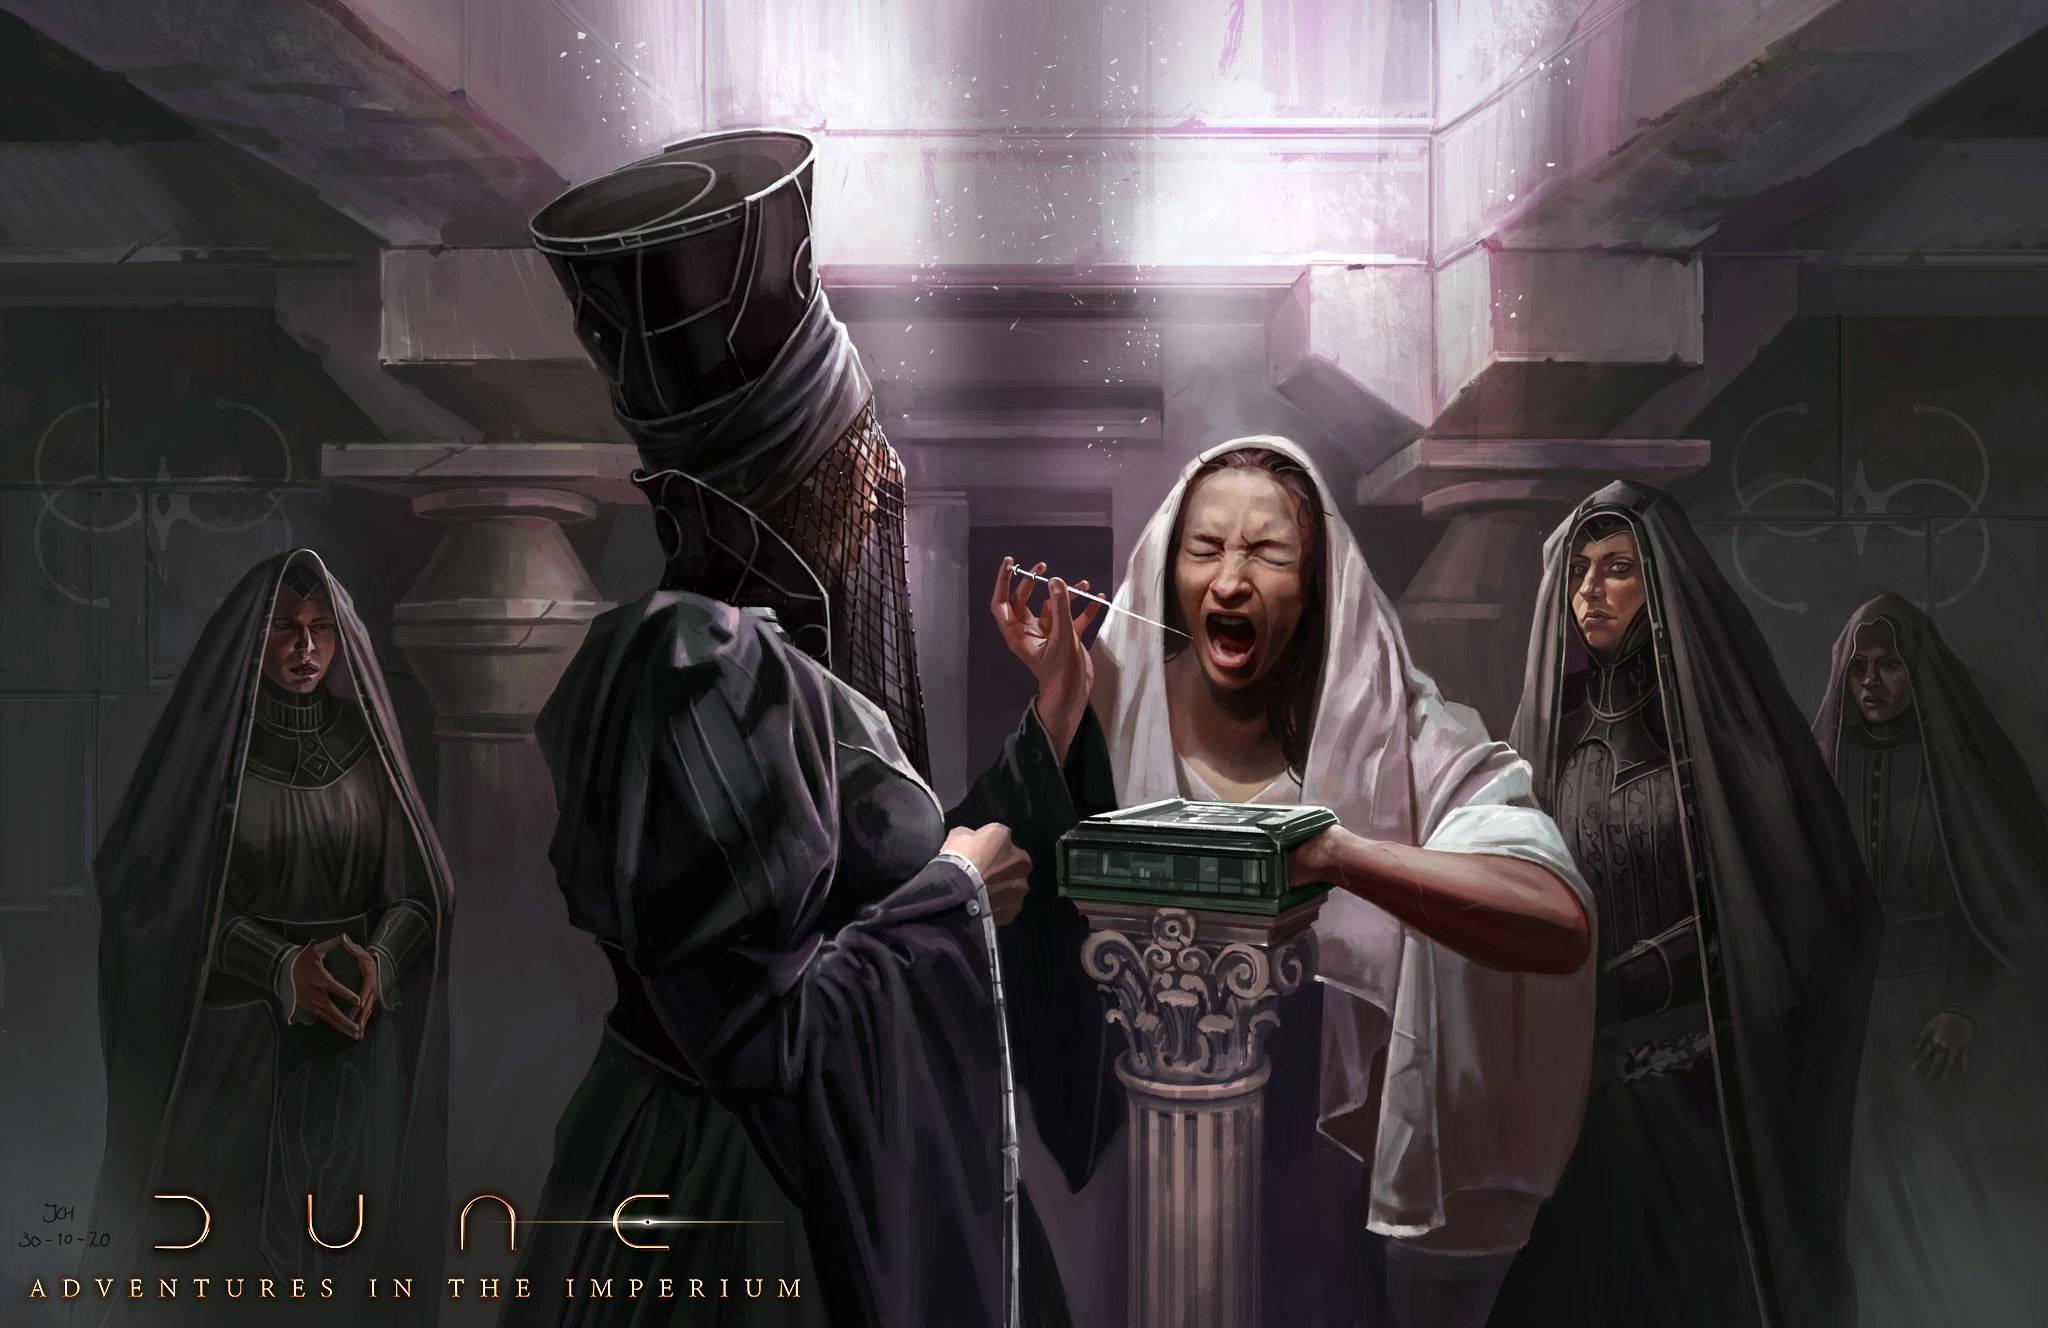 Les soeurs du Bene-Gesserit.